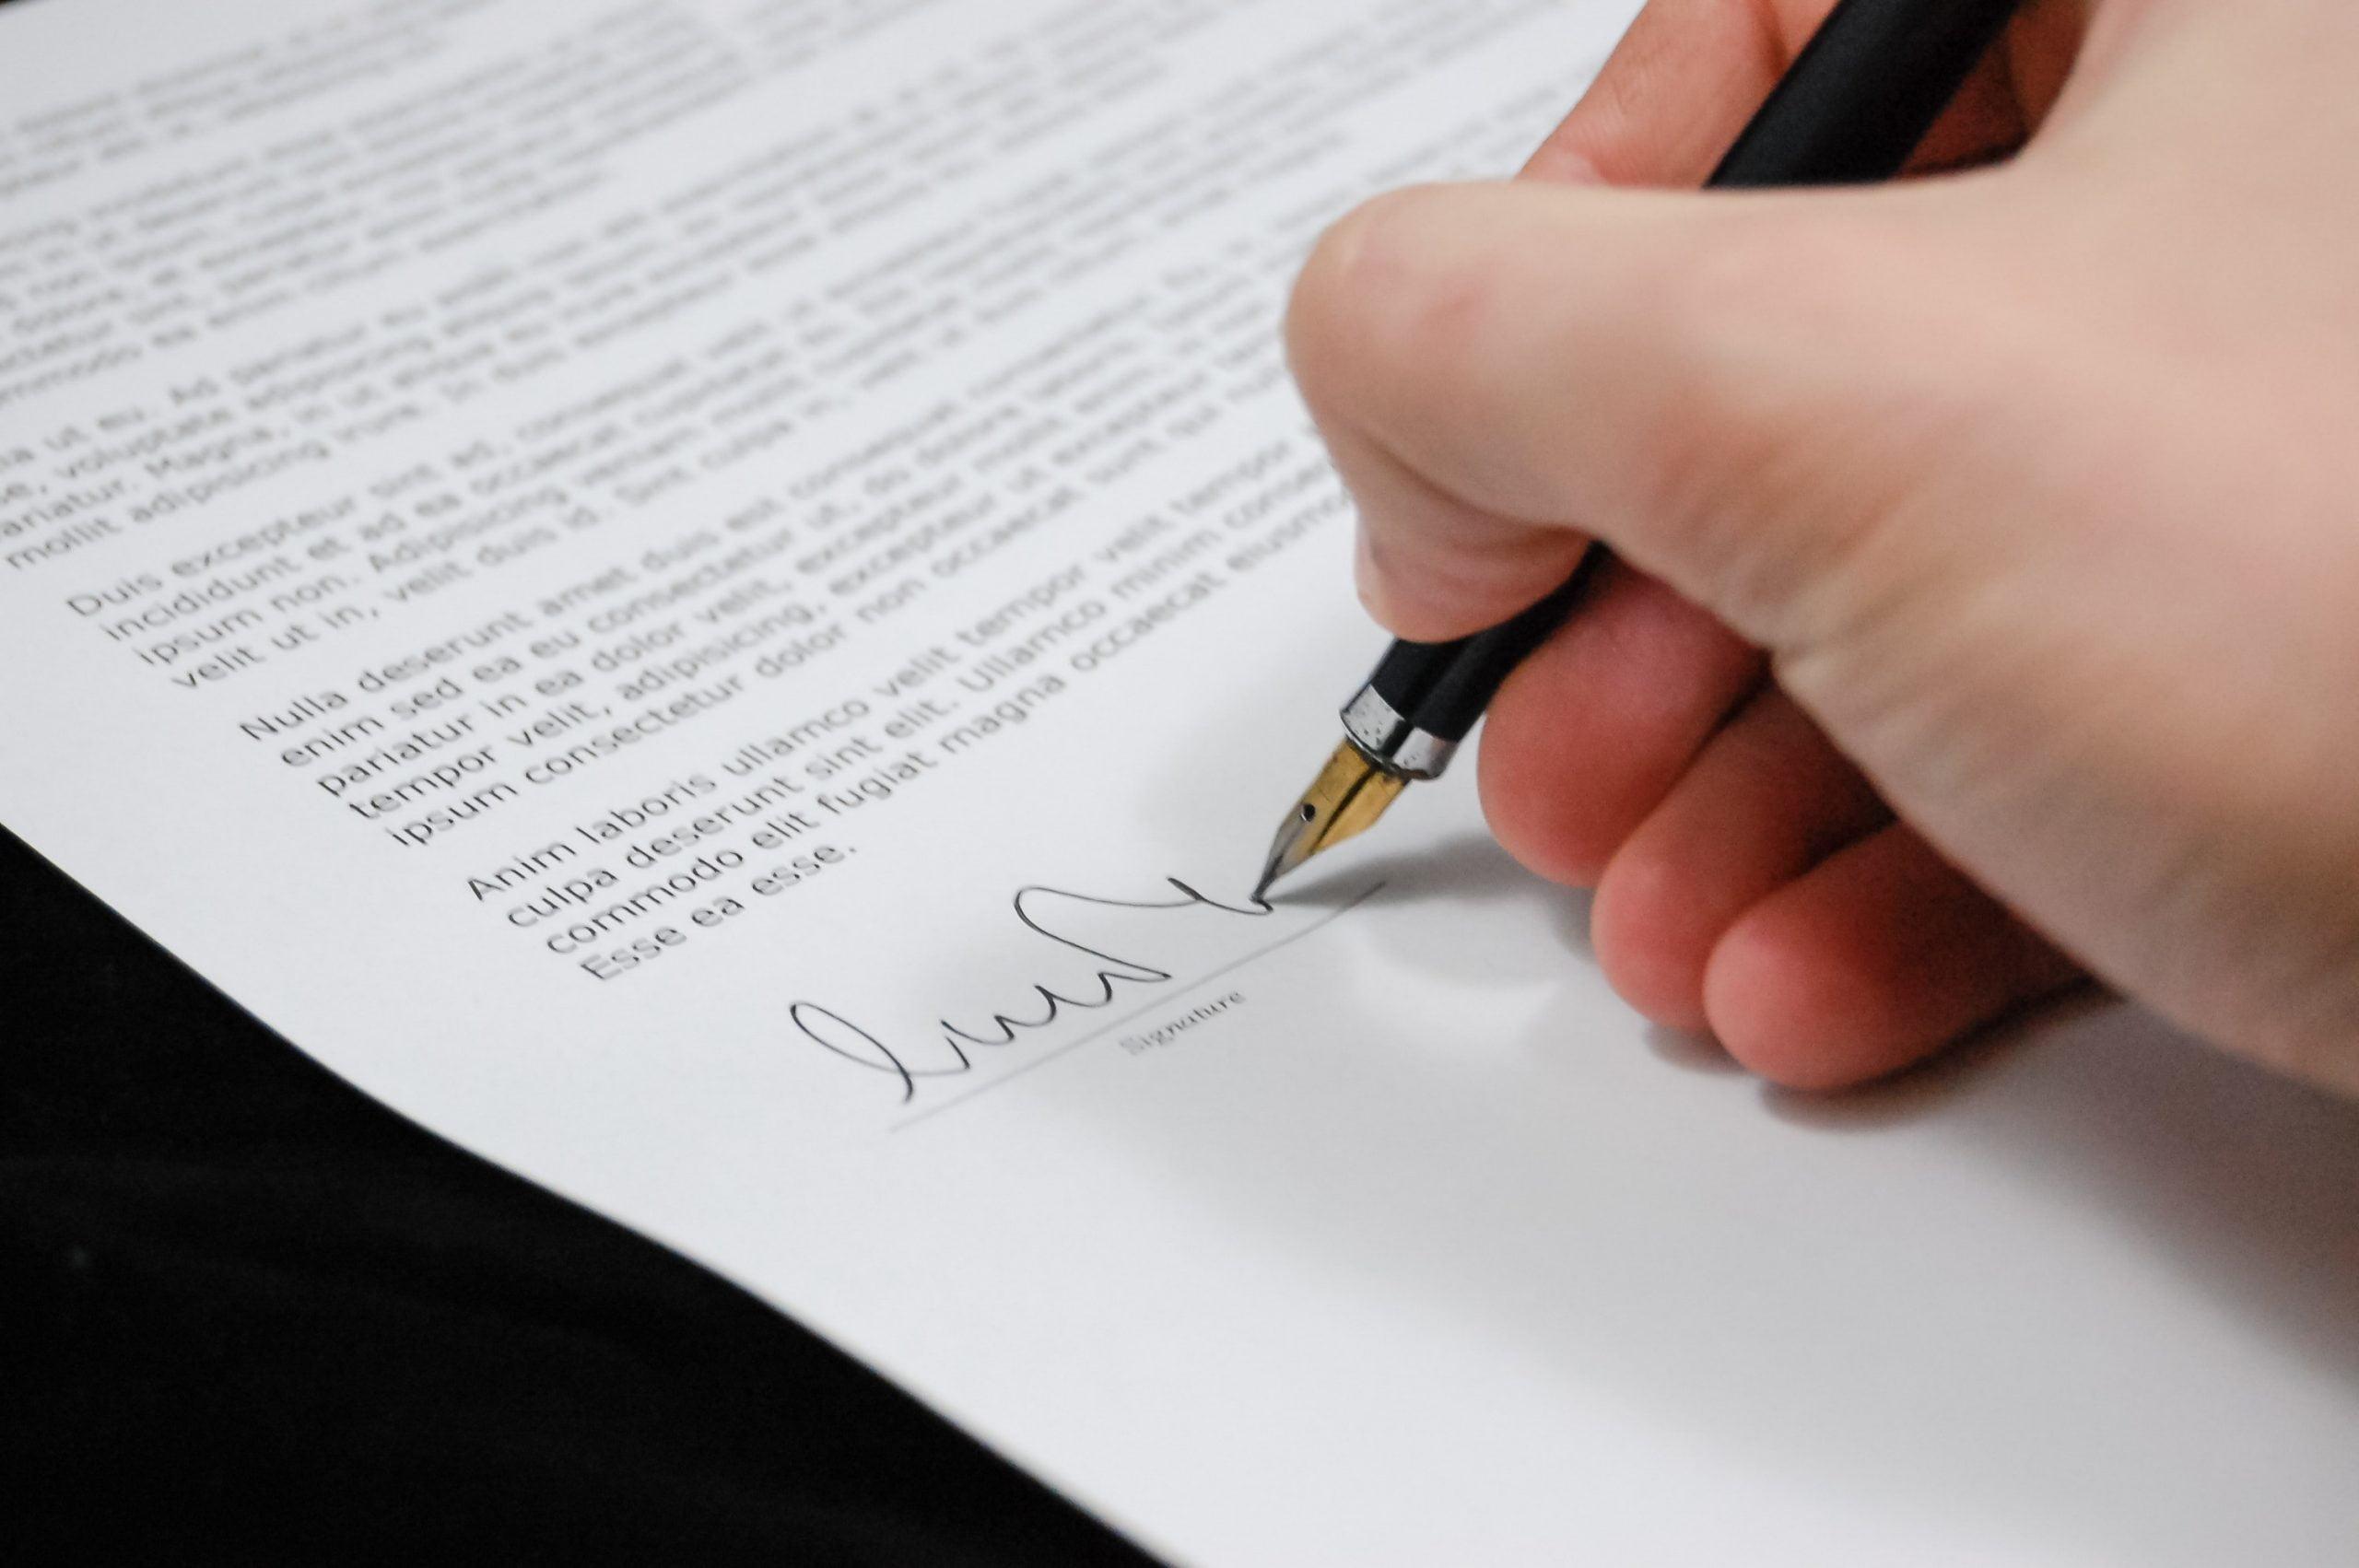 Czym jest wydziedziczenie - podpis